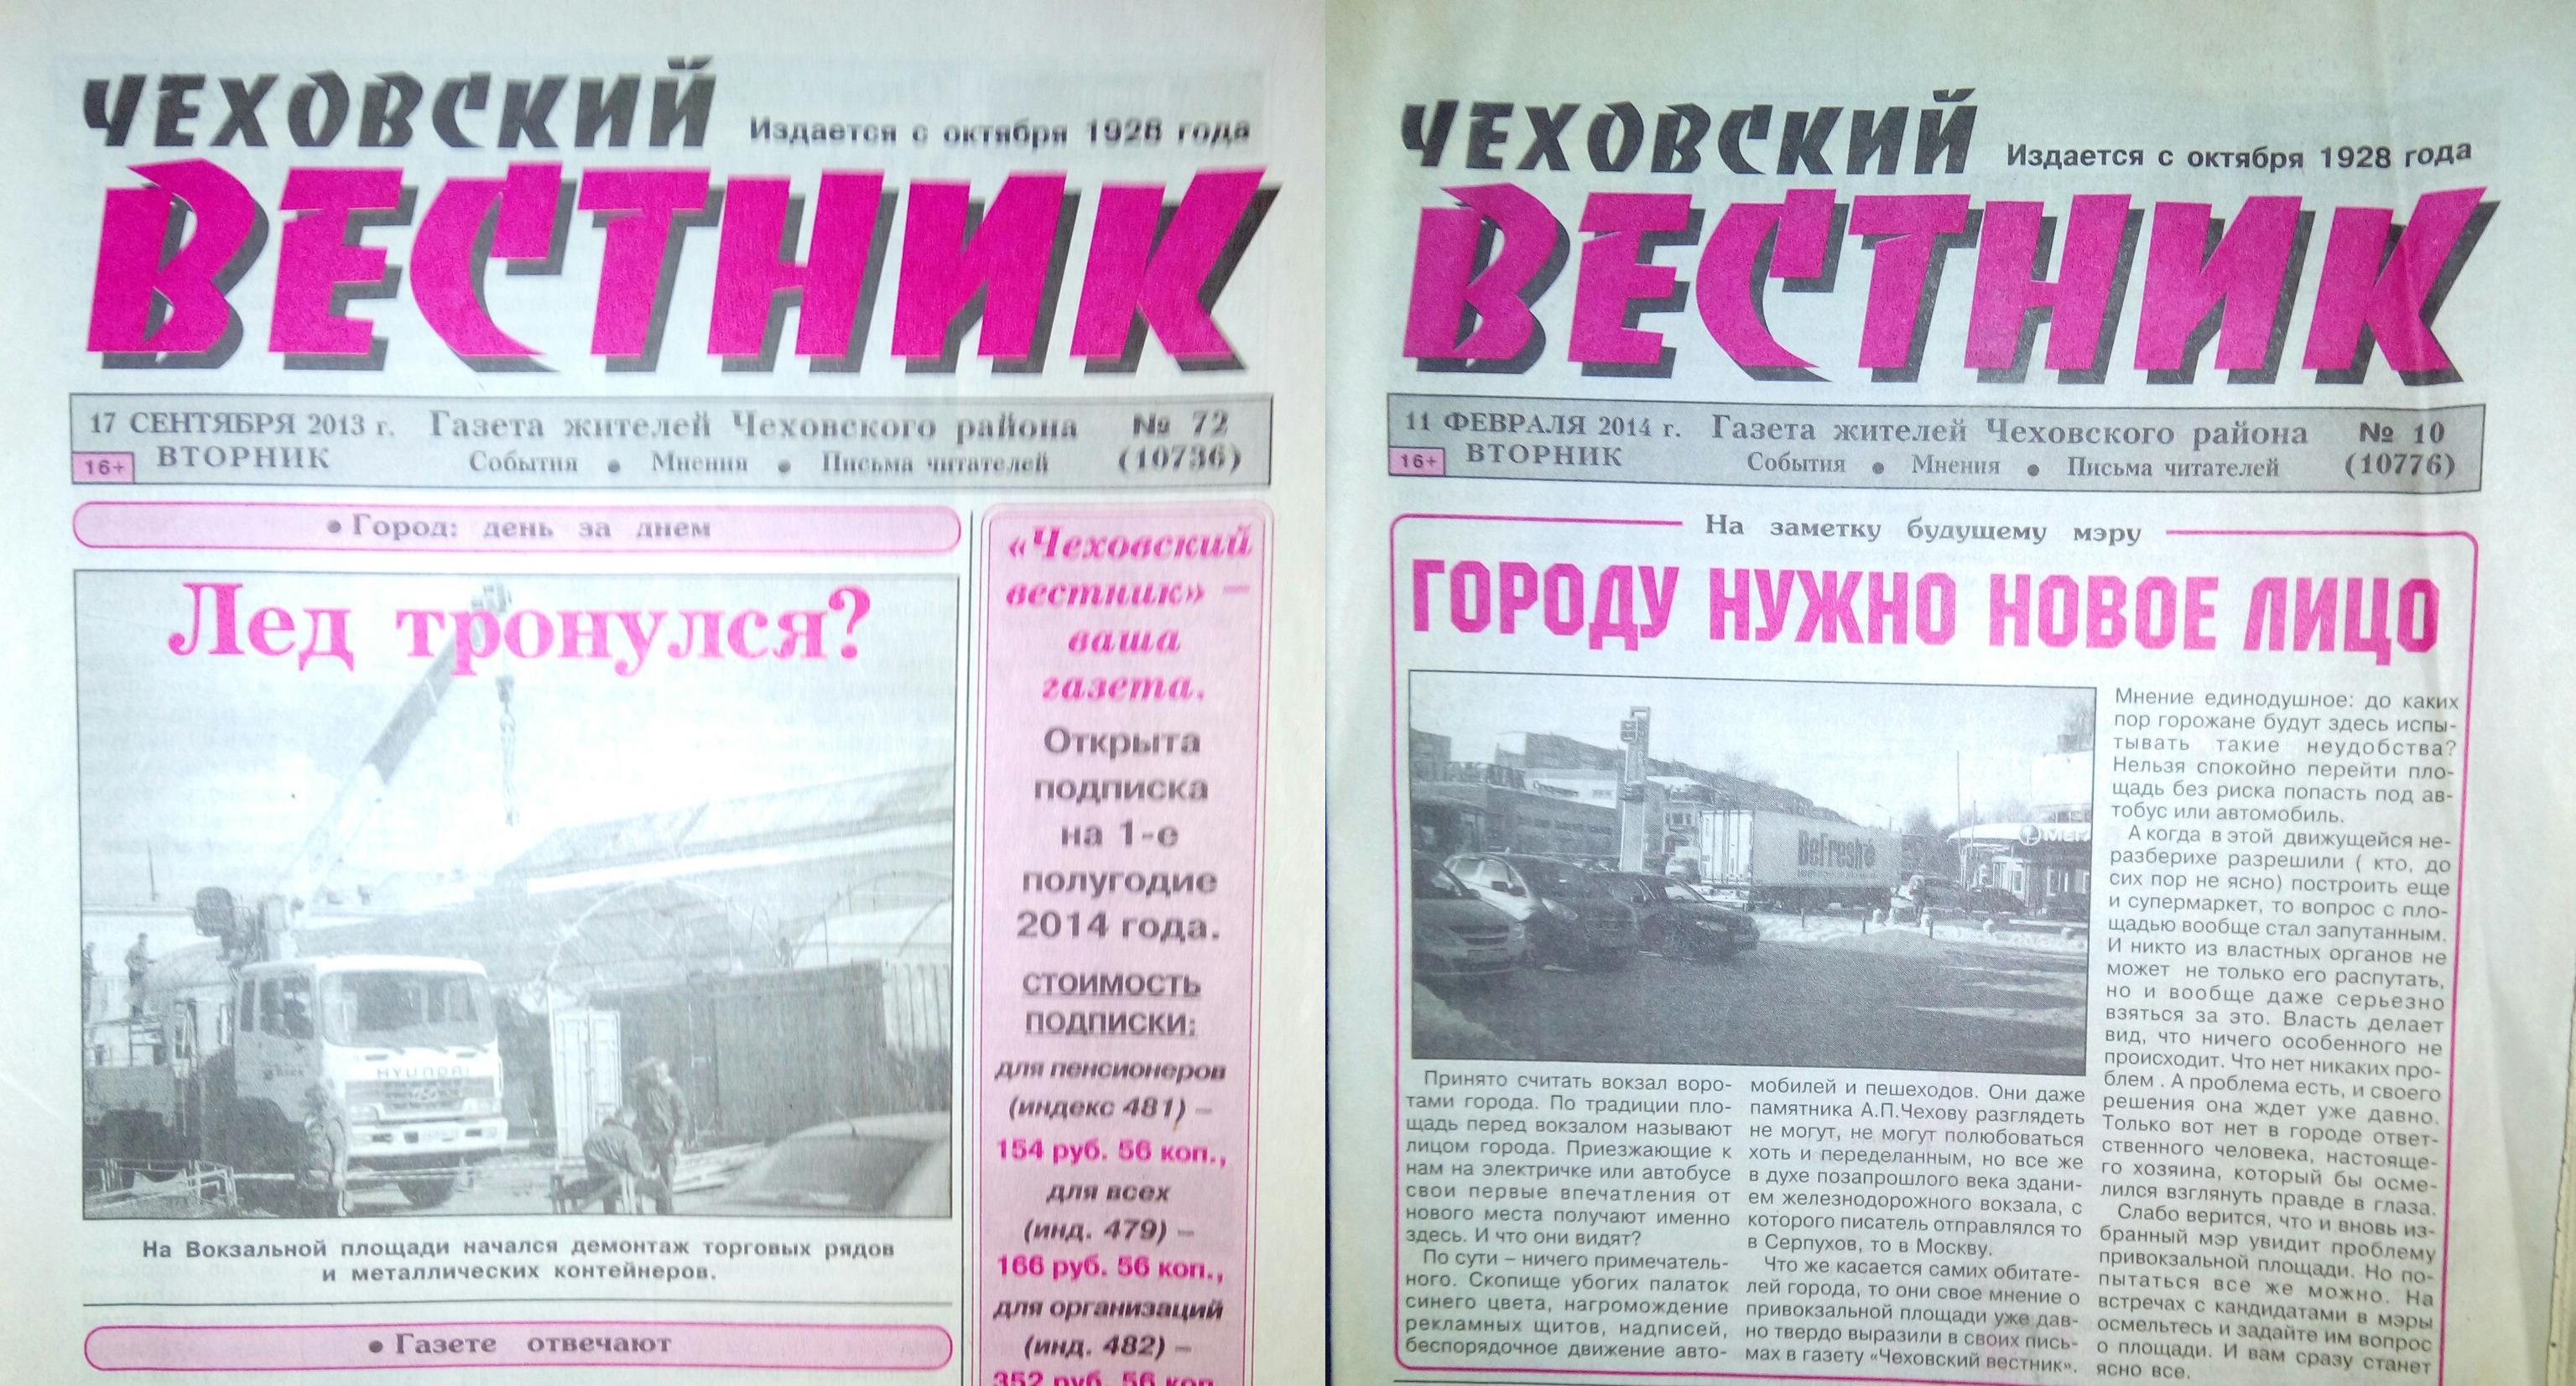 Чеховский вестник